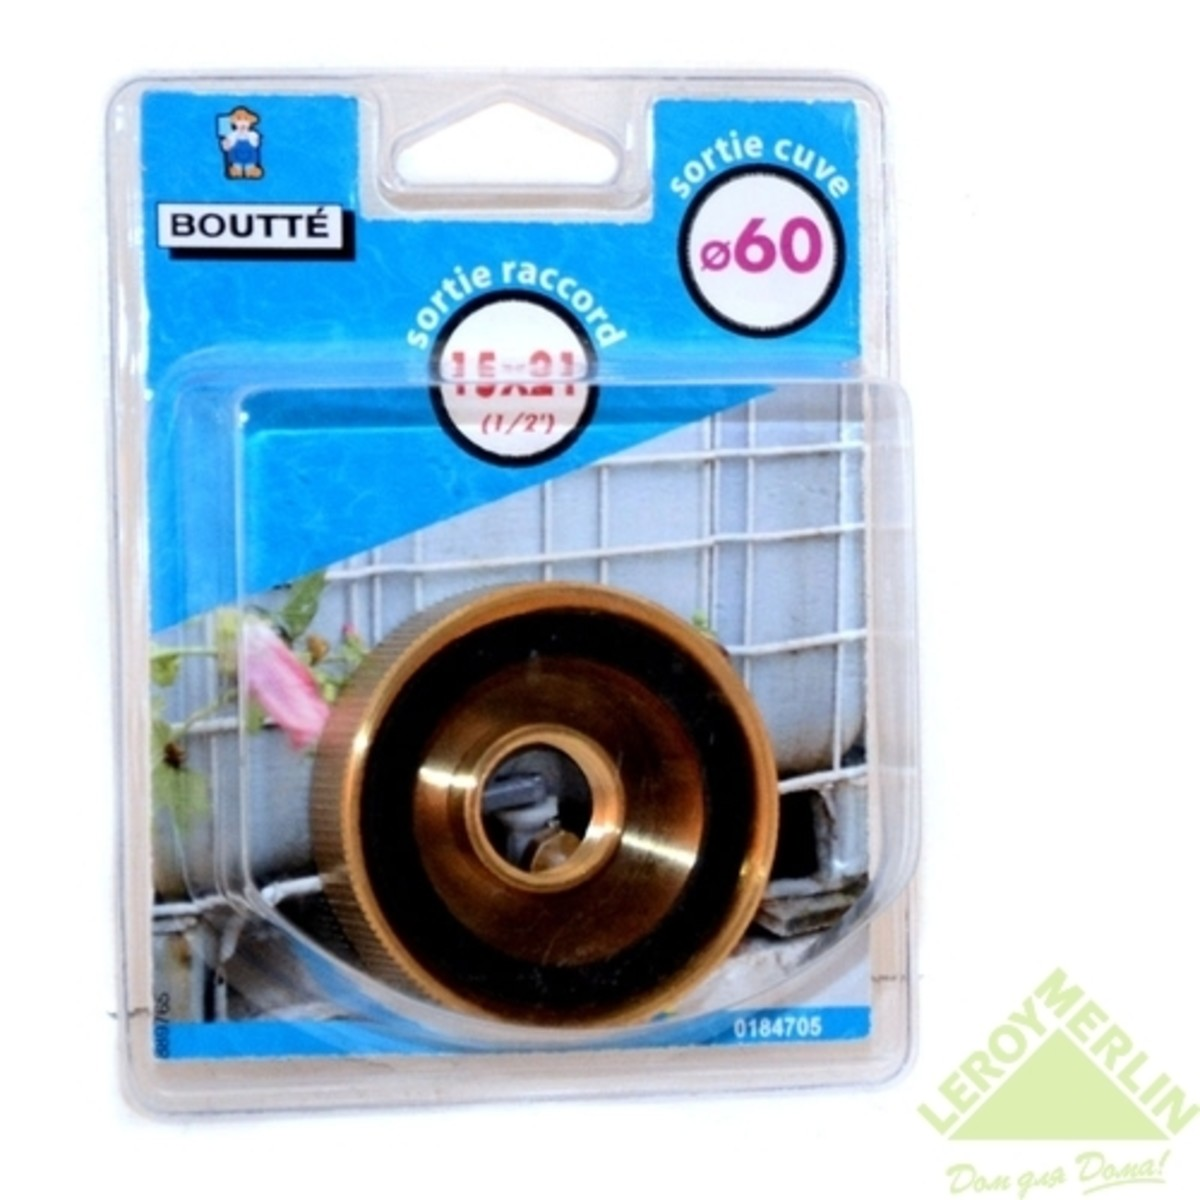 Гайка для подключения бочки диаметр 60 мм внутренняя резьба 1/2 дюйма